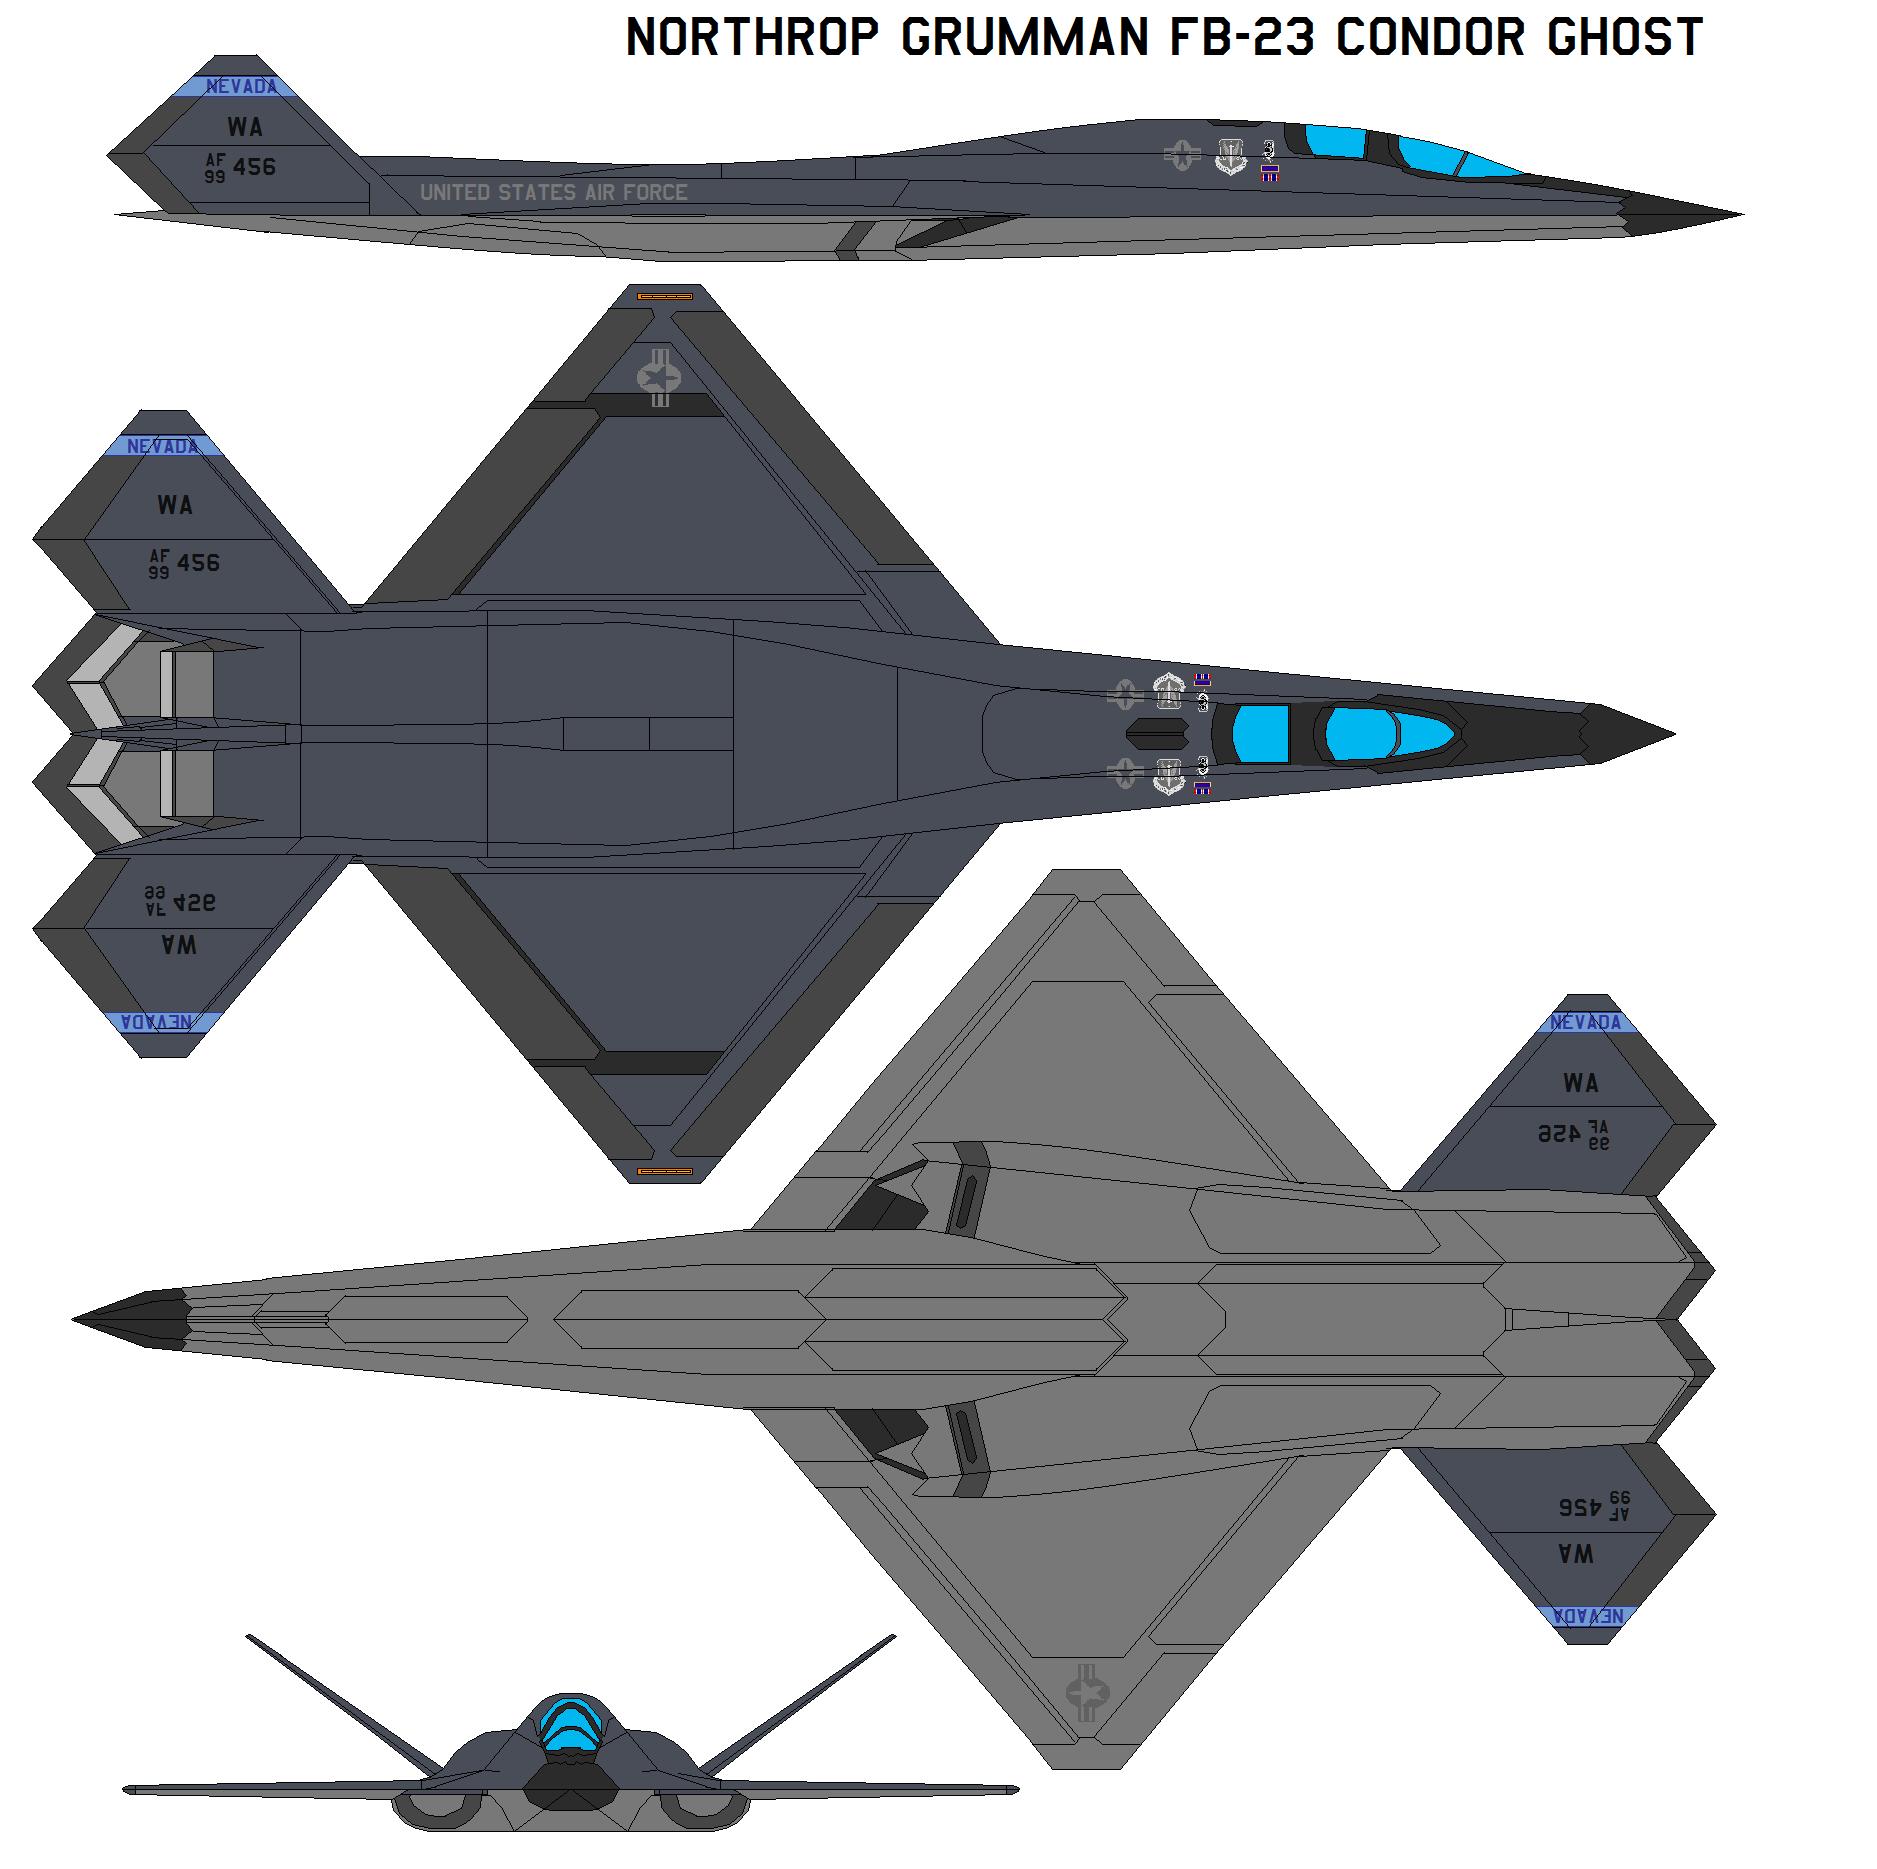 Northrop FB-23 Condor Ghost by bagera3005